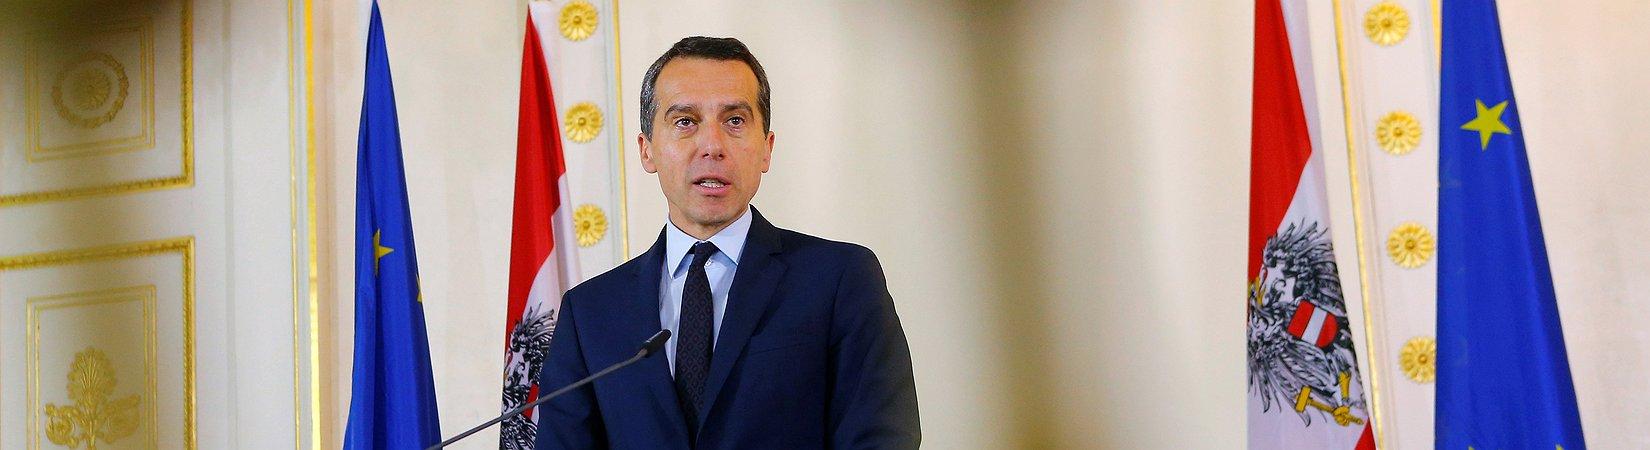 El canciller austríaco propone suspender las negociaciones de adhesión de Turquía a la UE